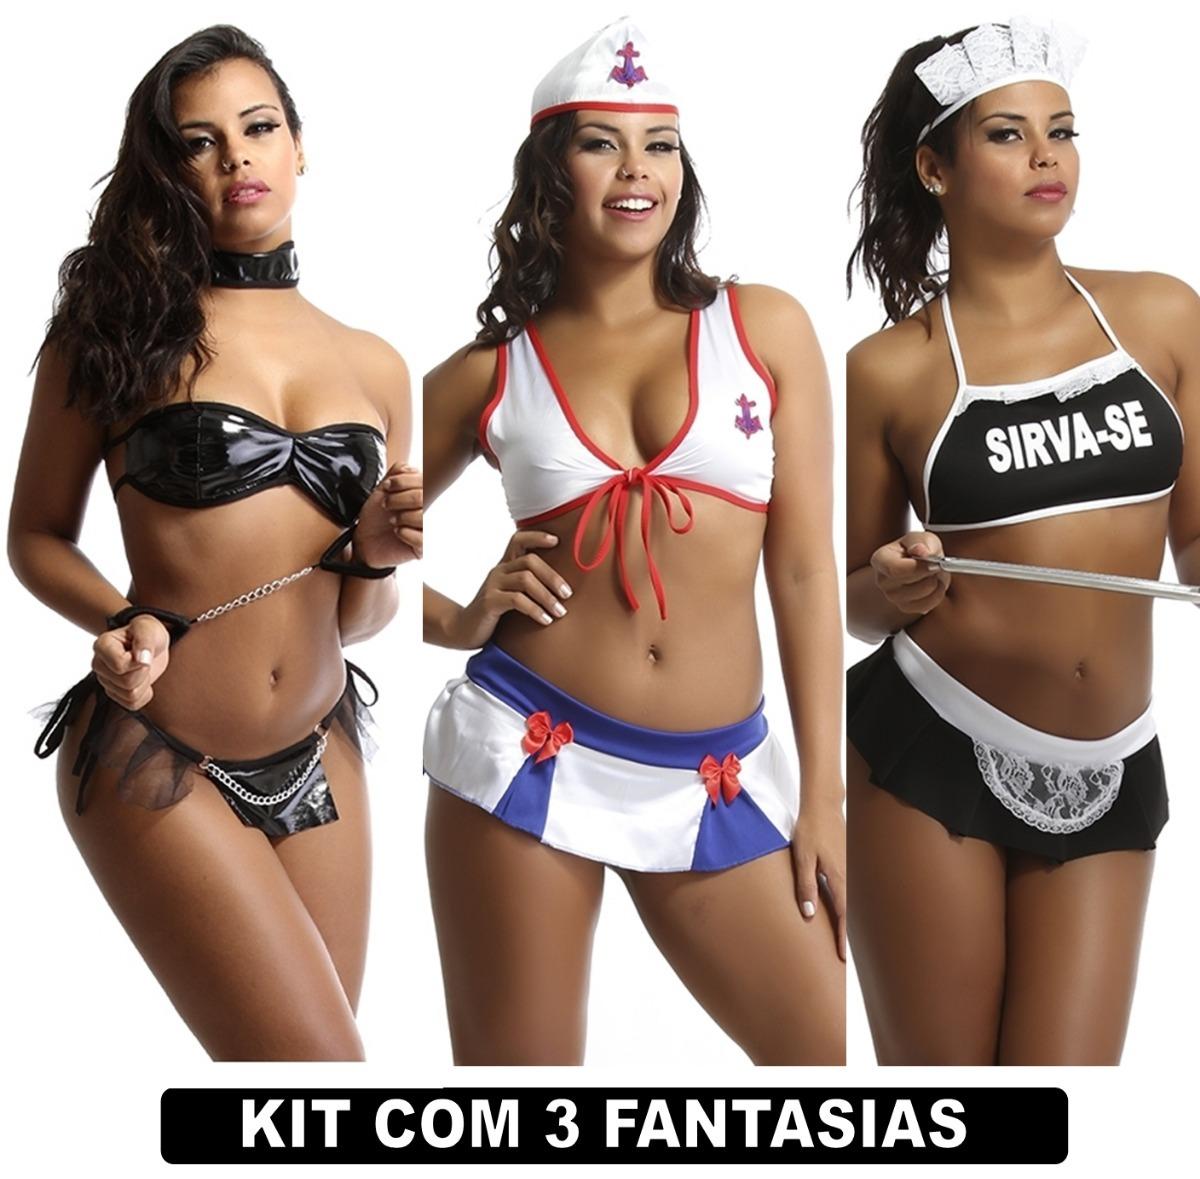 bffec0a7d Kit Sensual Com 3 Fantasias Eroticas Lingerie Moda Sensual - R  94 ...